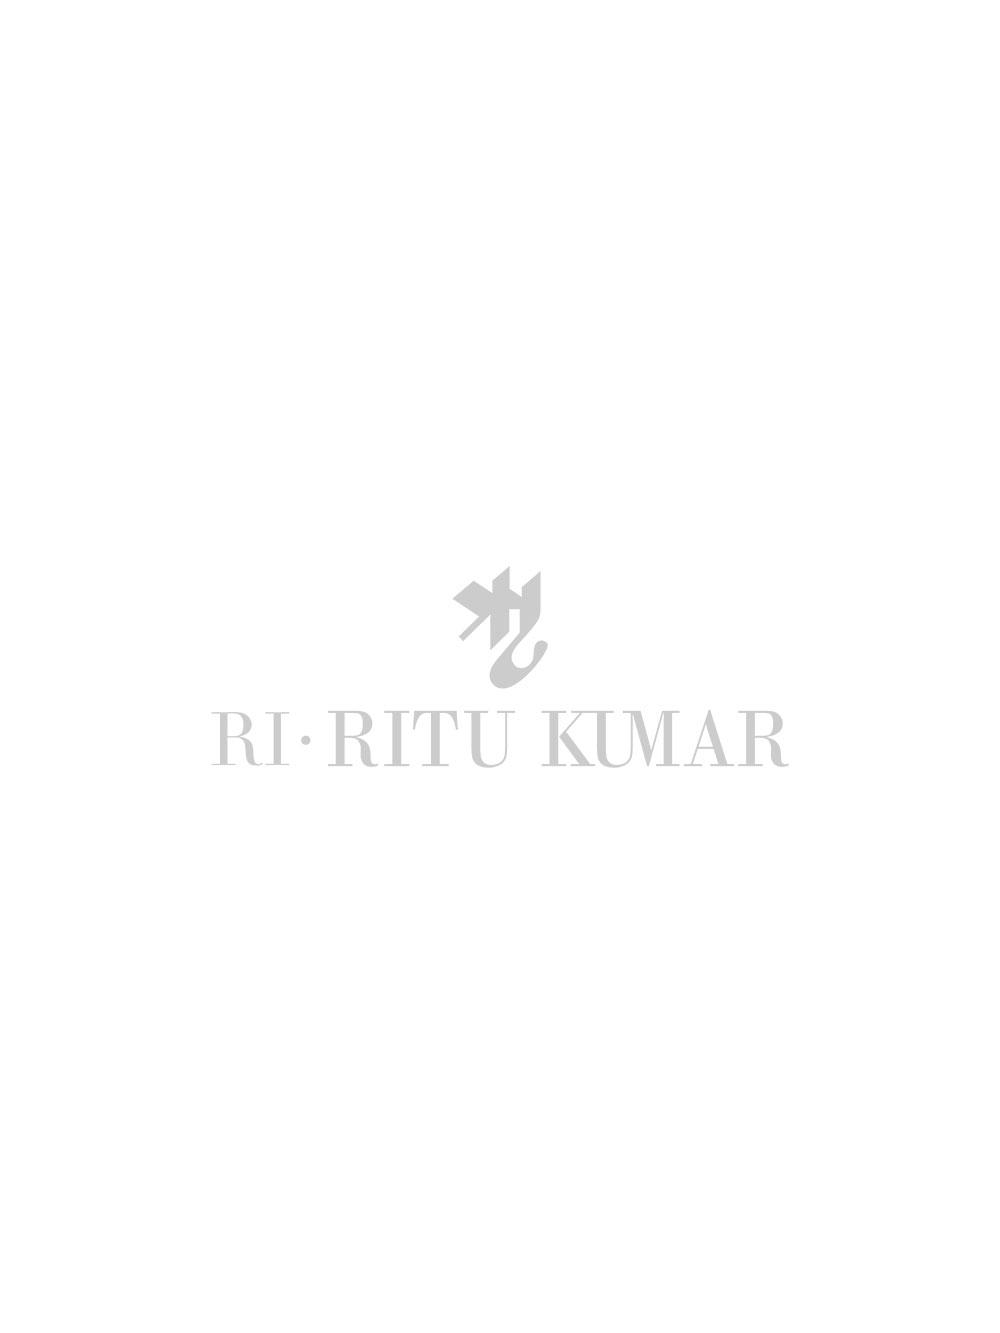 Ritu Kumar Classic Handbags